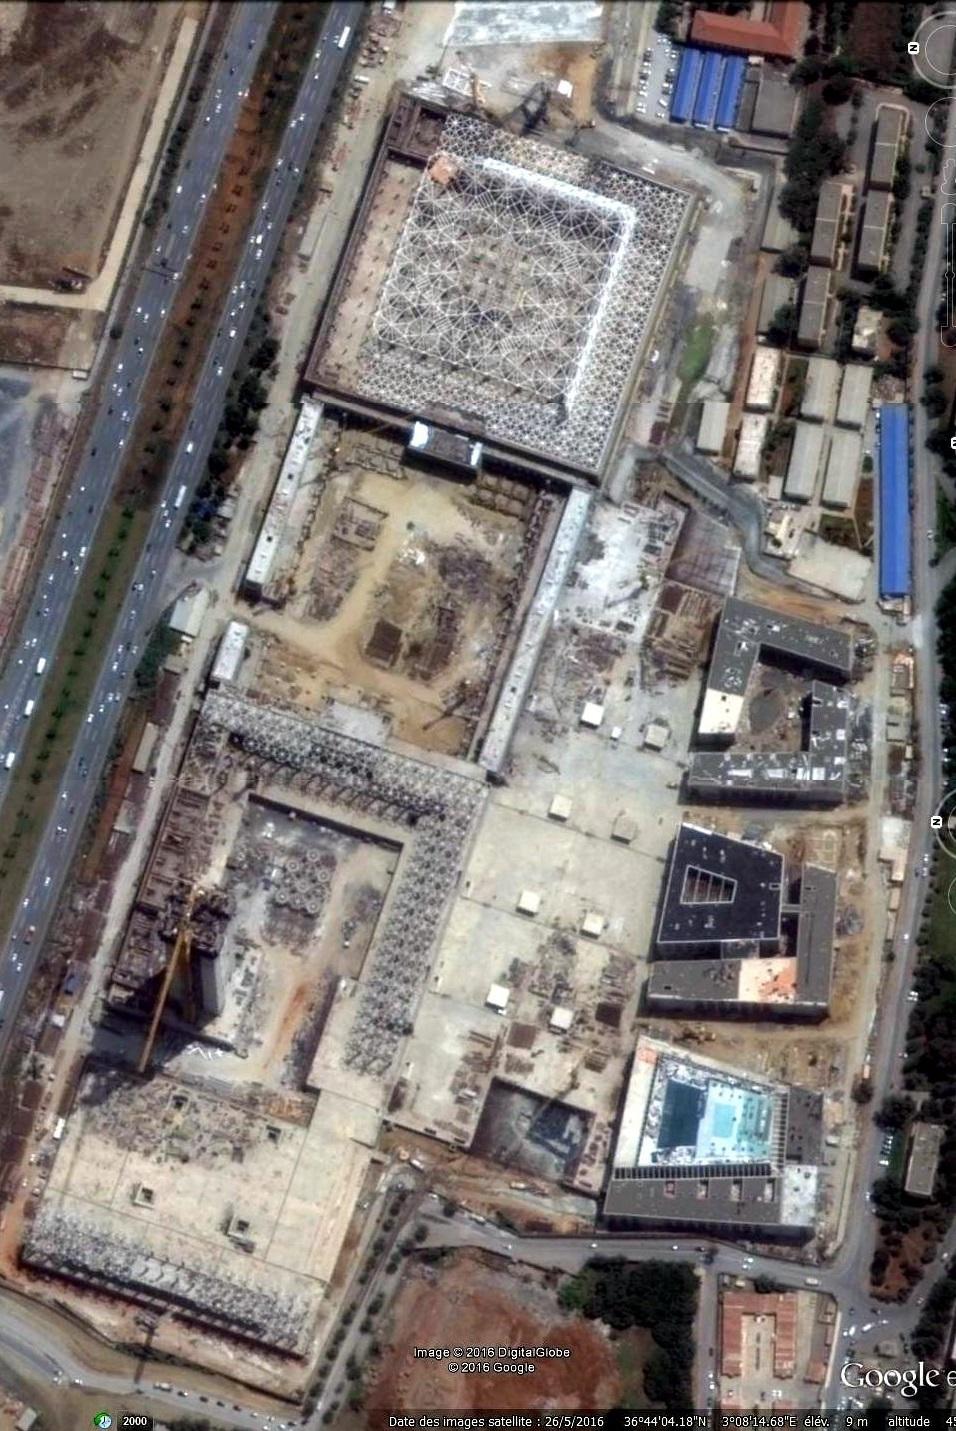 مشروع جامع الجزائر الأعظم: إعطاء إشارة إنطلاق أشغال الإنجاز - صفحة 14 160628070712711622